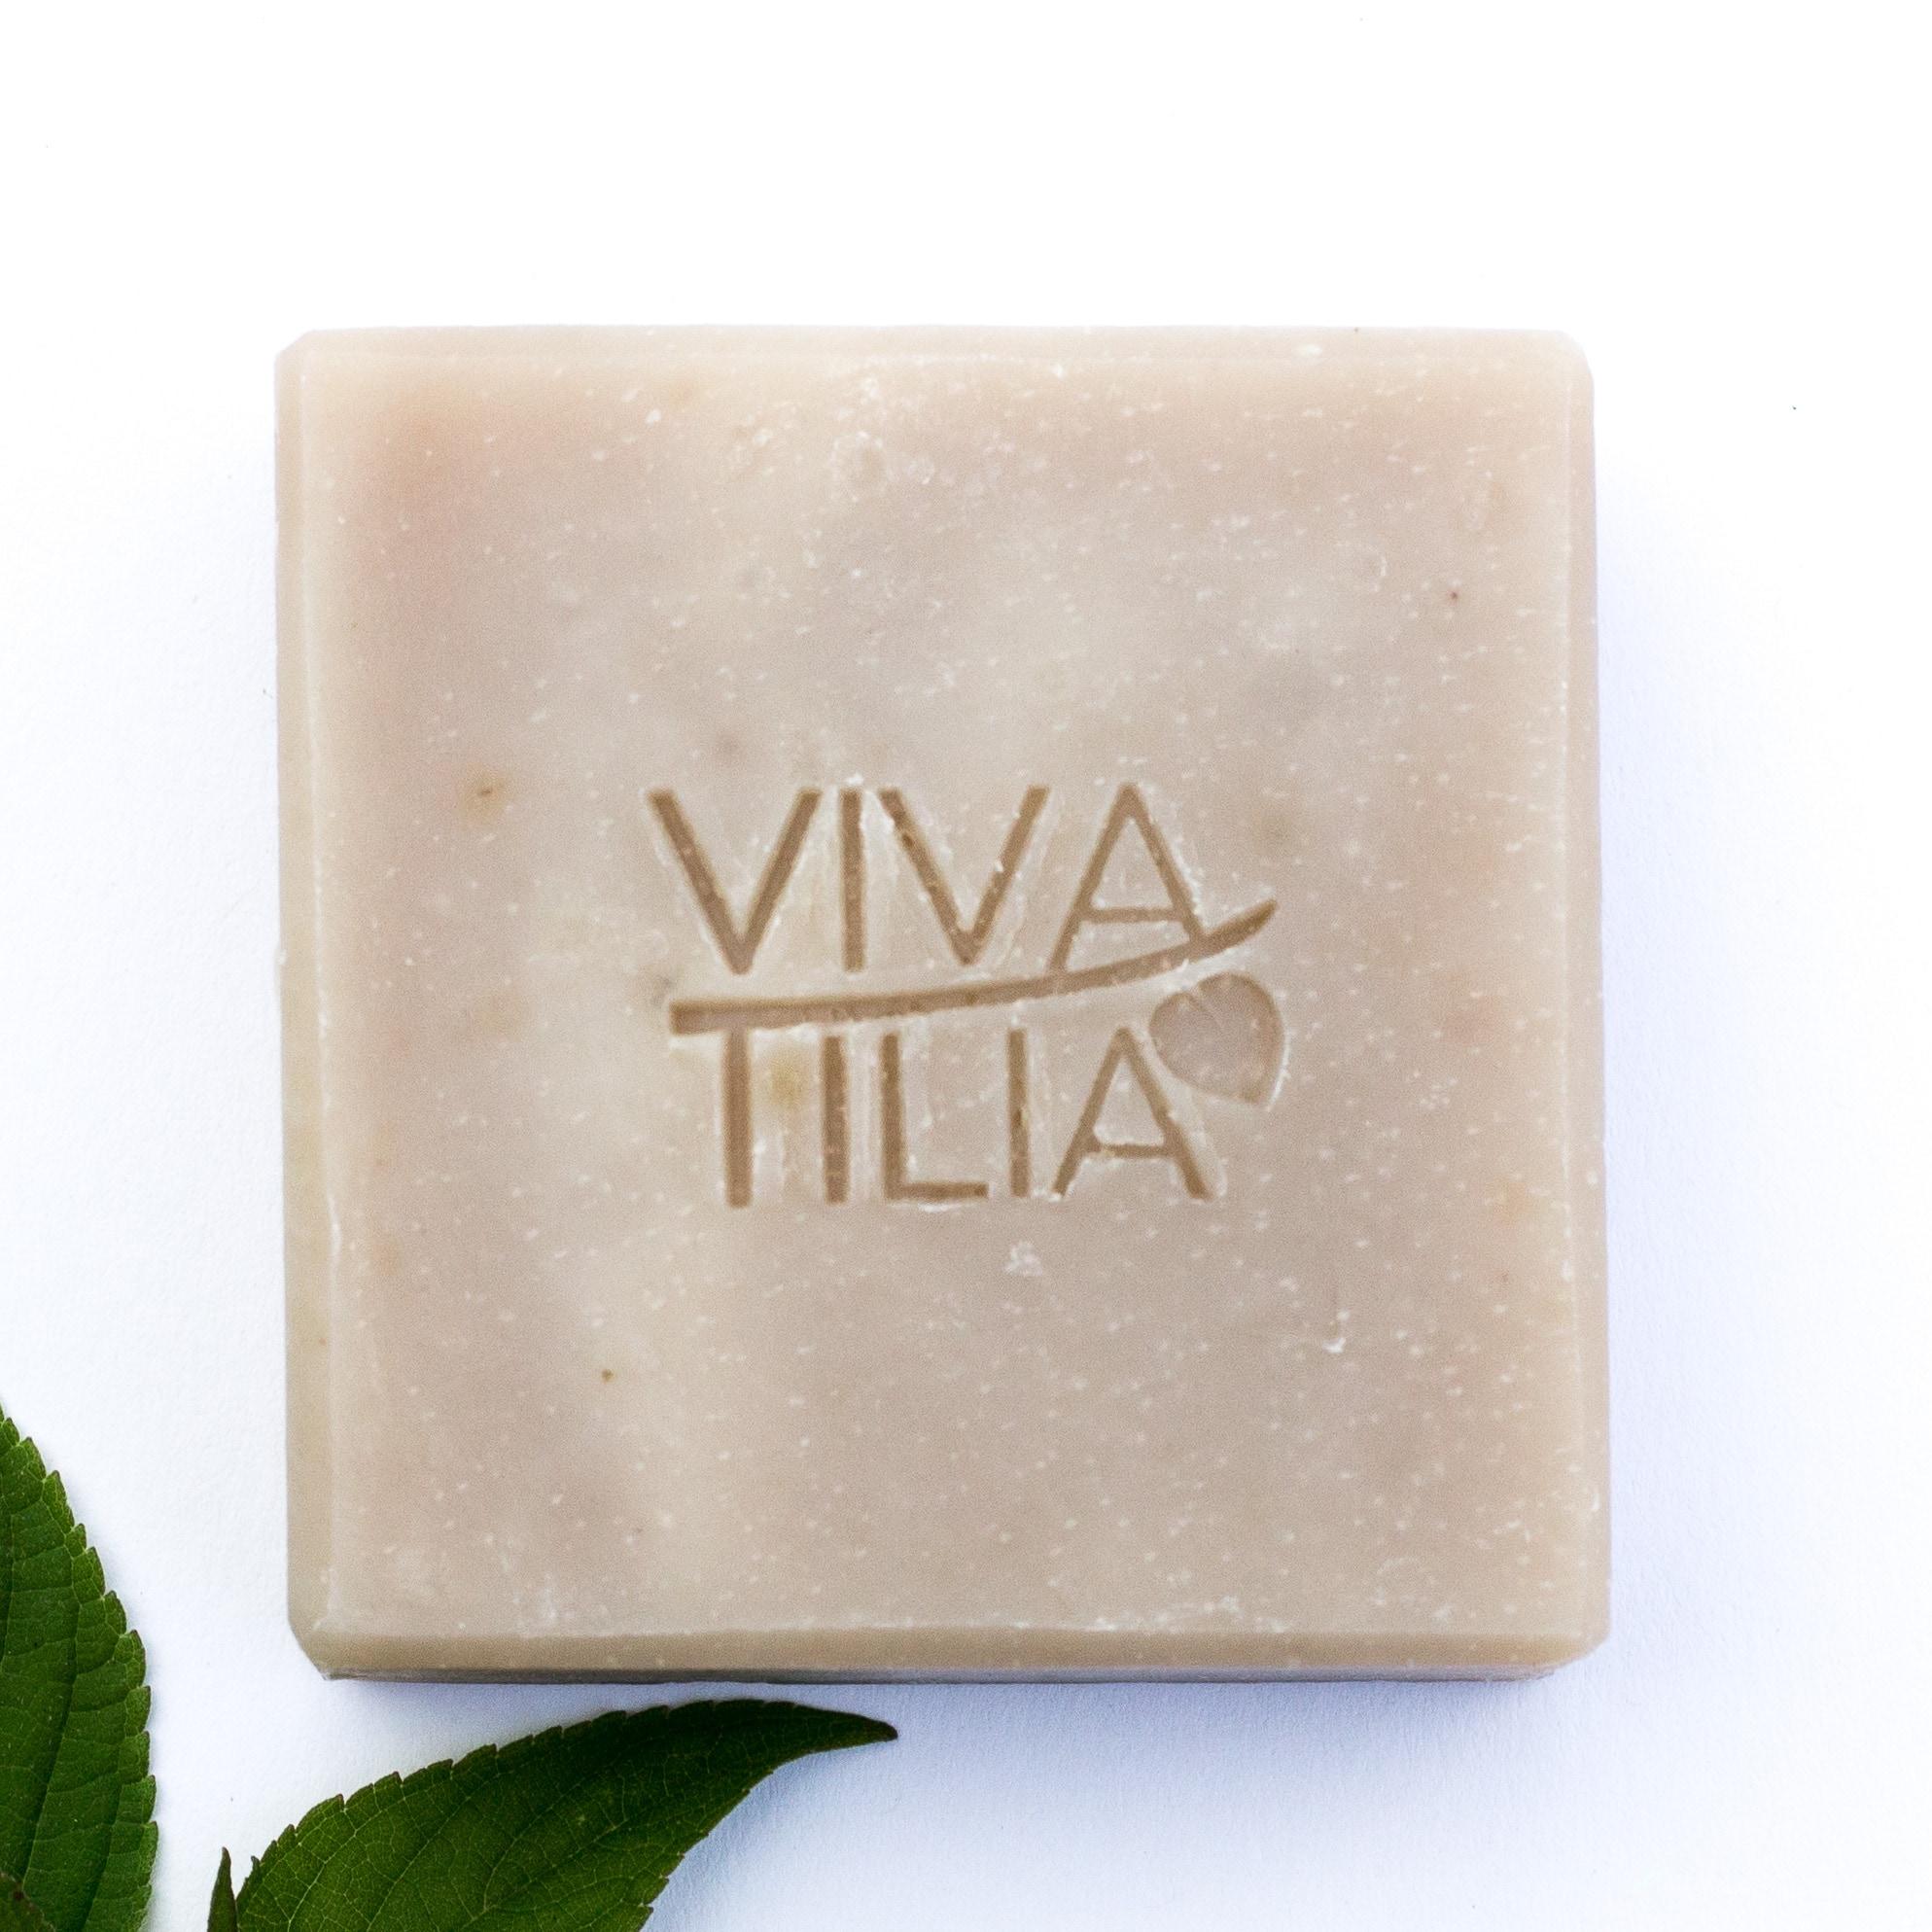 VIVA TILIA Deodorant Naturseife 90 g